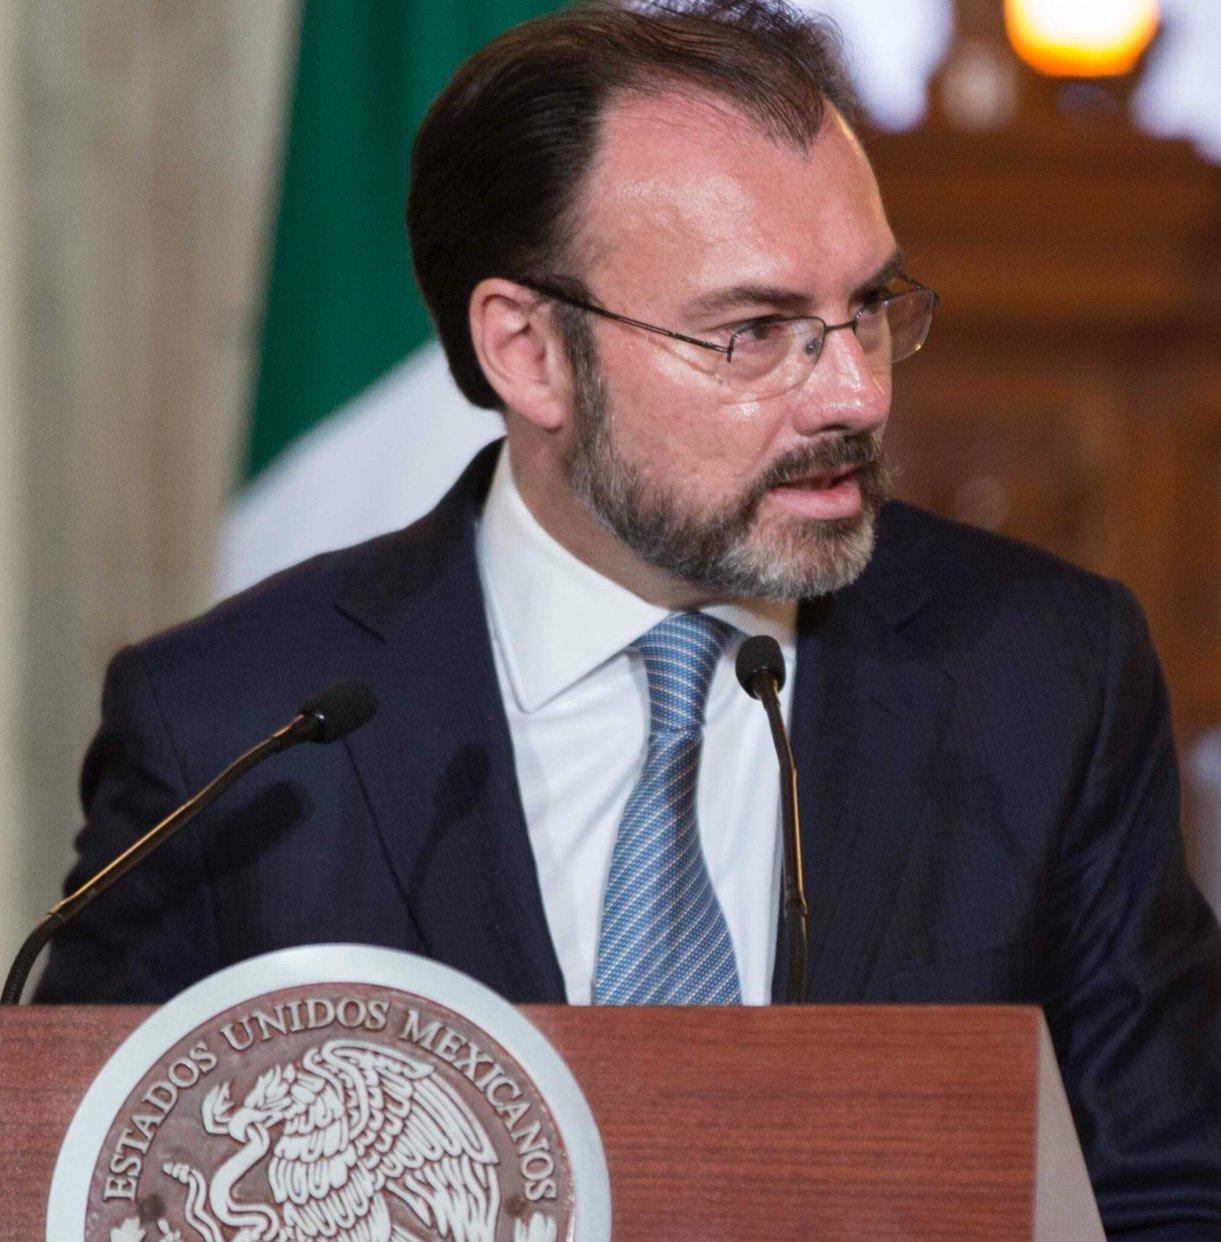 Luis Videgaray Caso  Secretario de relaciones exteriores de Mexico